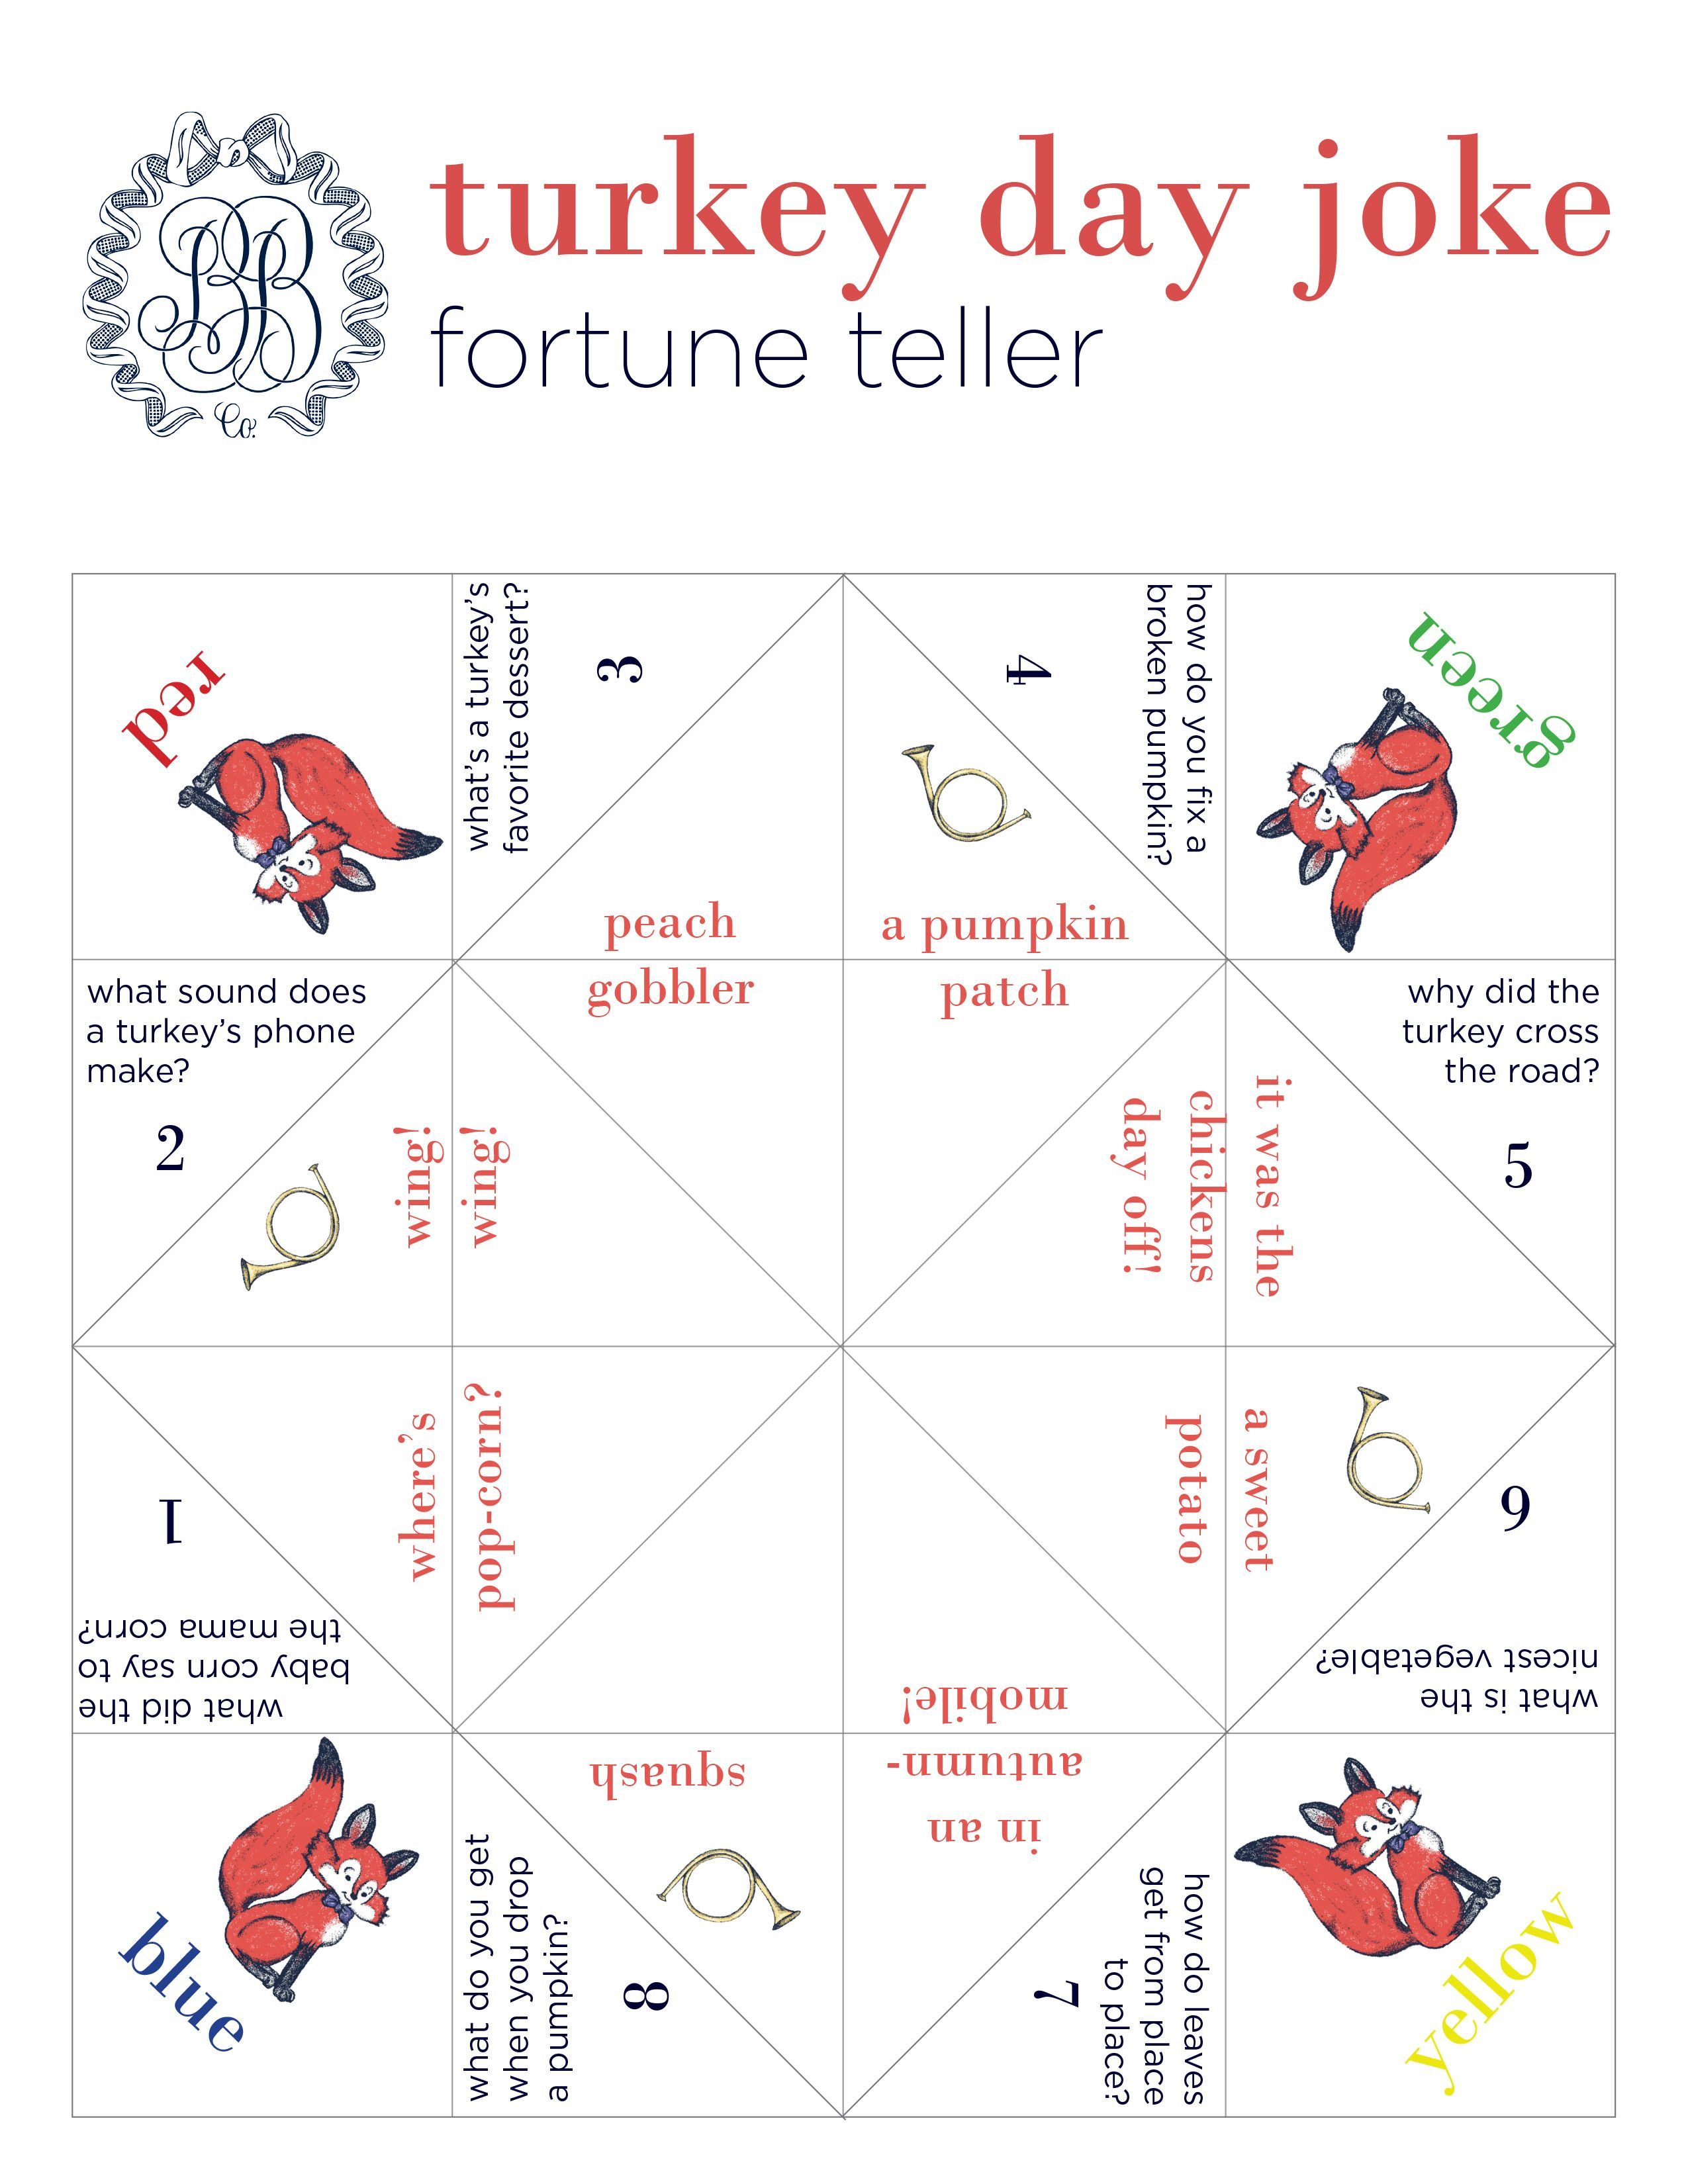 Tbbc Fortune Teller Jokes For Turkey Day